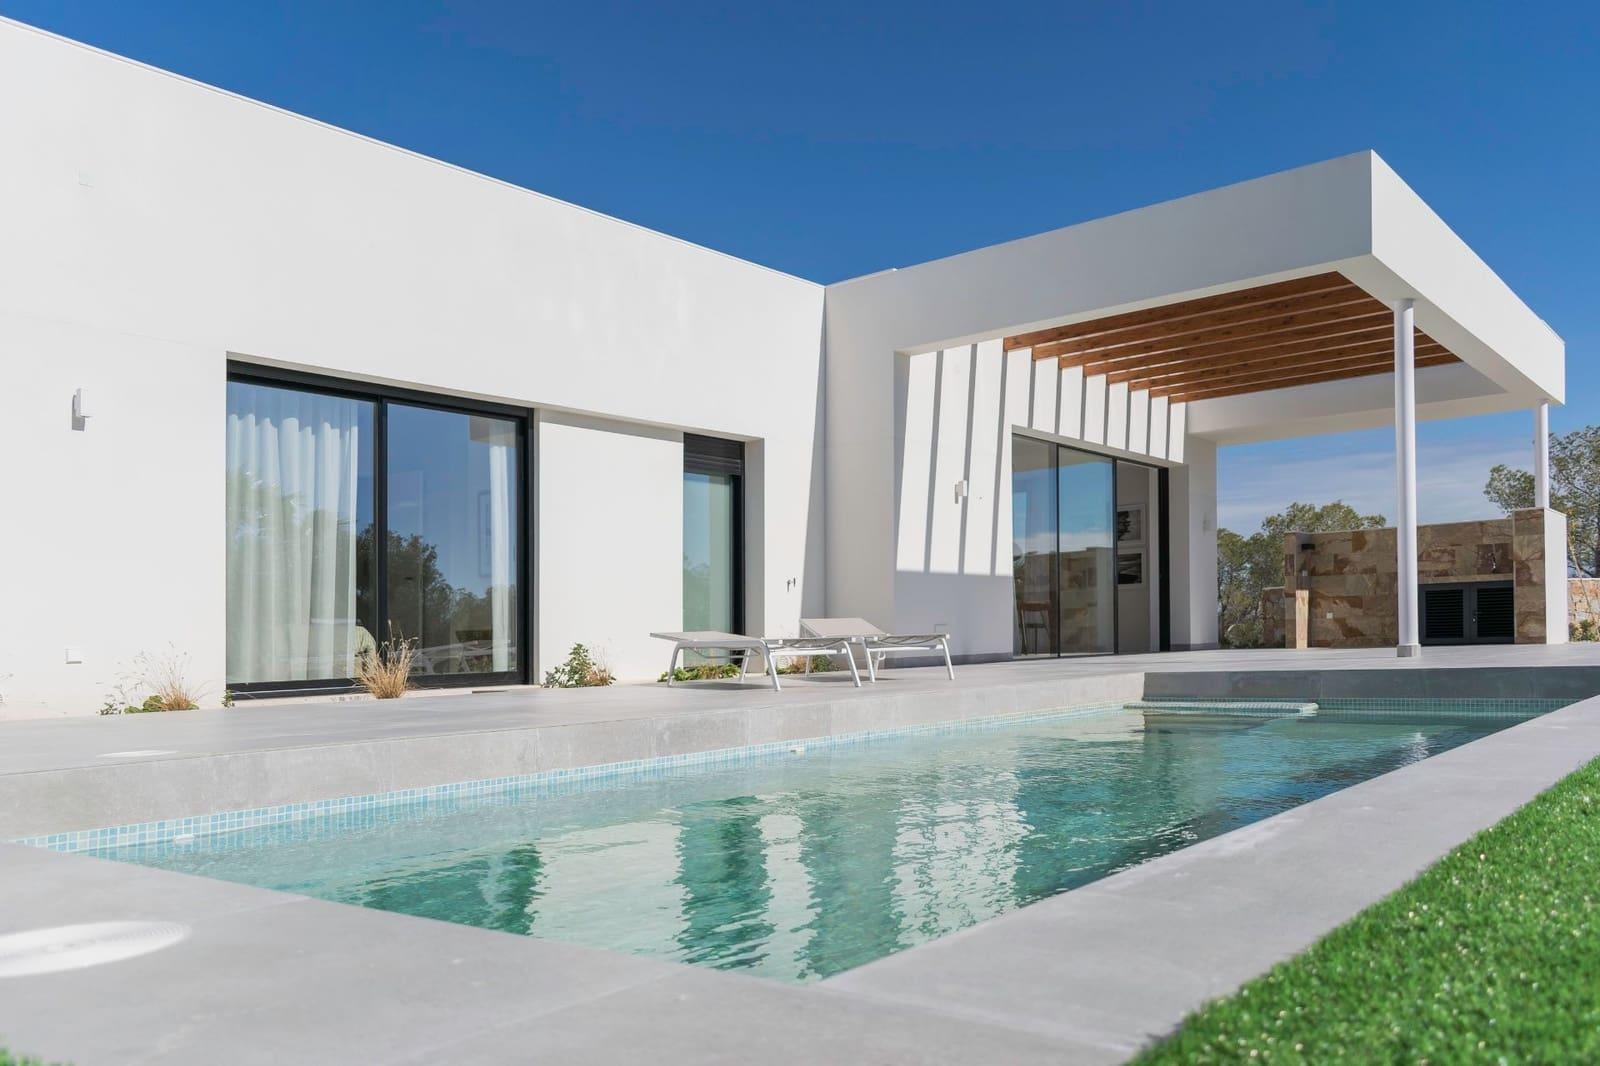 Chalet de 3 habitaciones en Las Colinas Golf en venta - 539.000 € (Ref: 5081426)